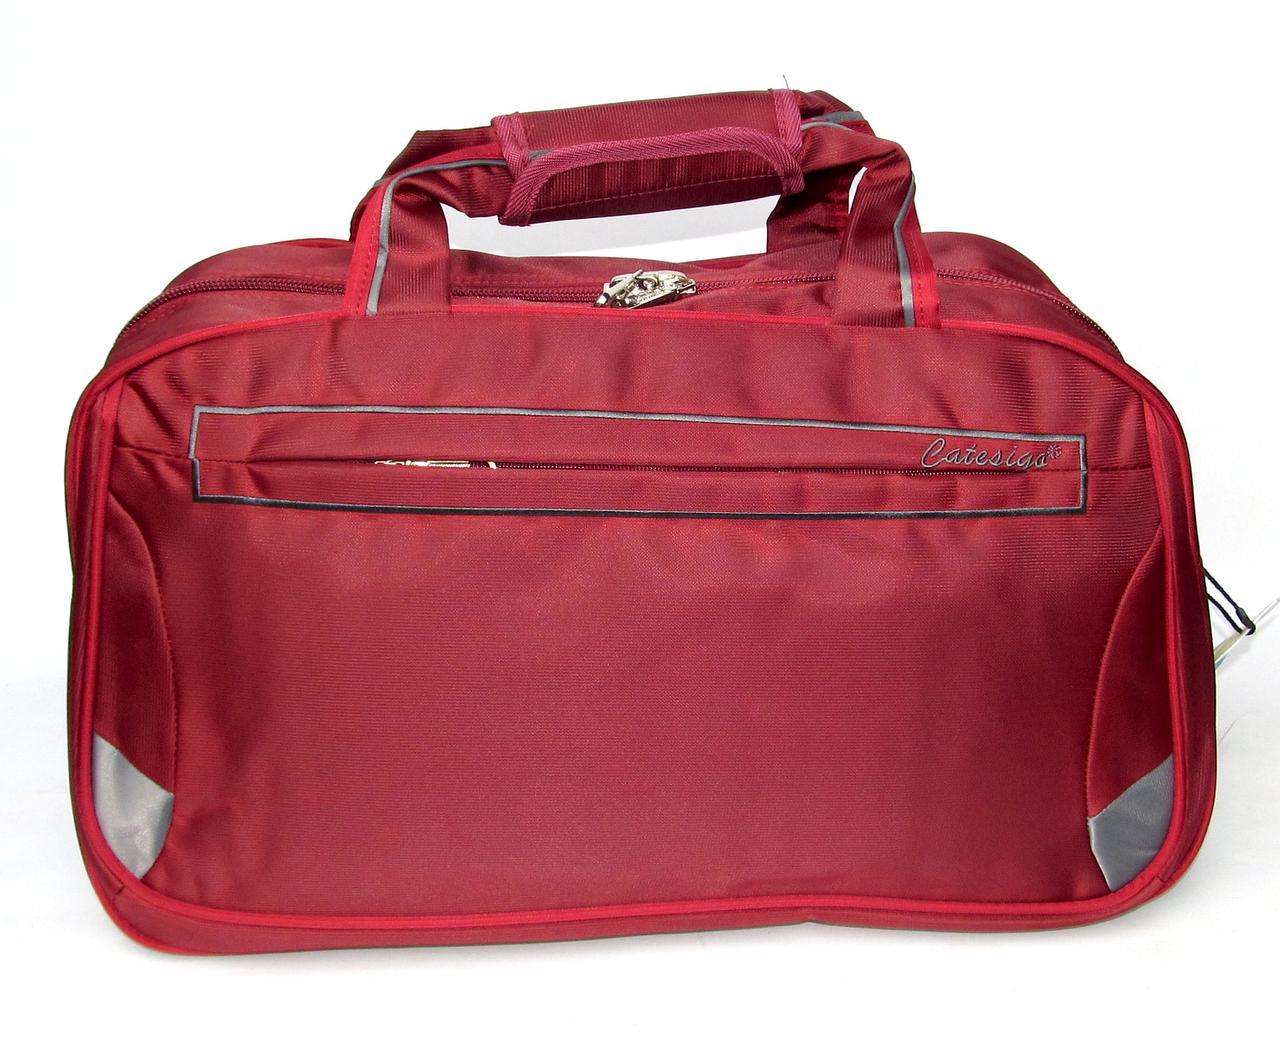 """3ad83956ea00 Купить дорожную сумку """"CATESIGO 17502 B"""" (50 см)"""" по Низкой цене"""